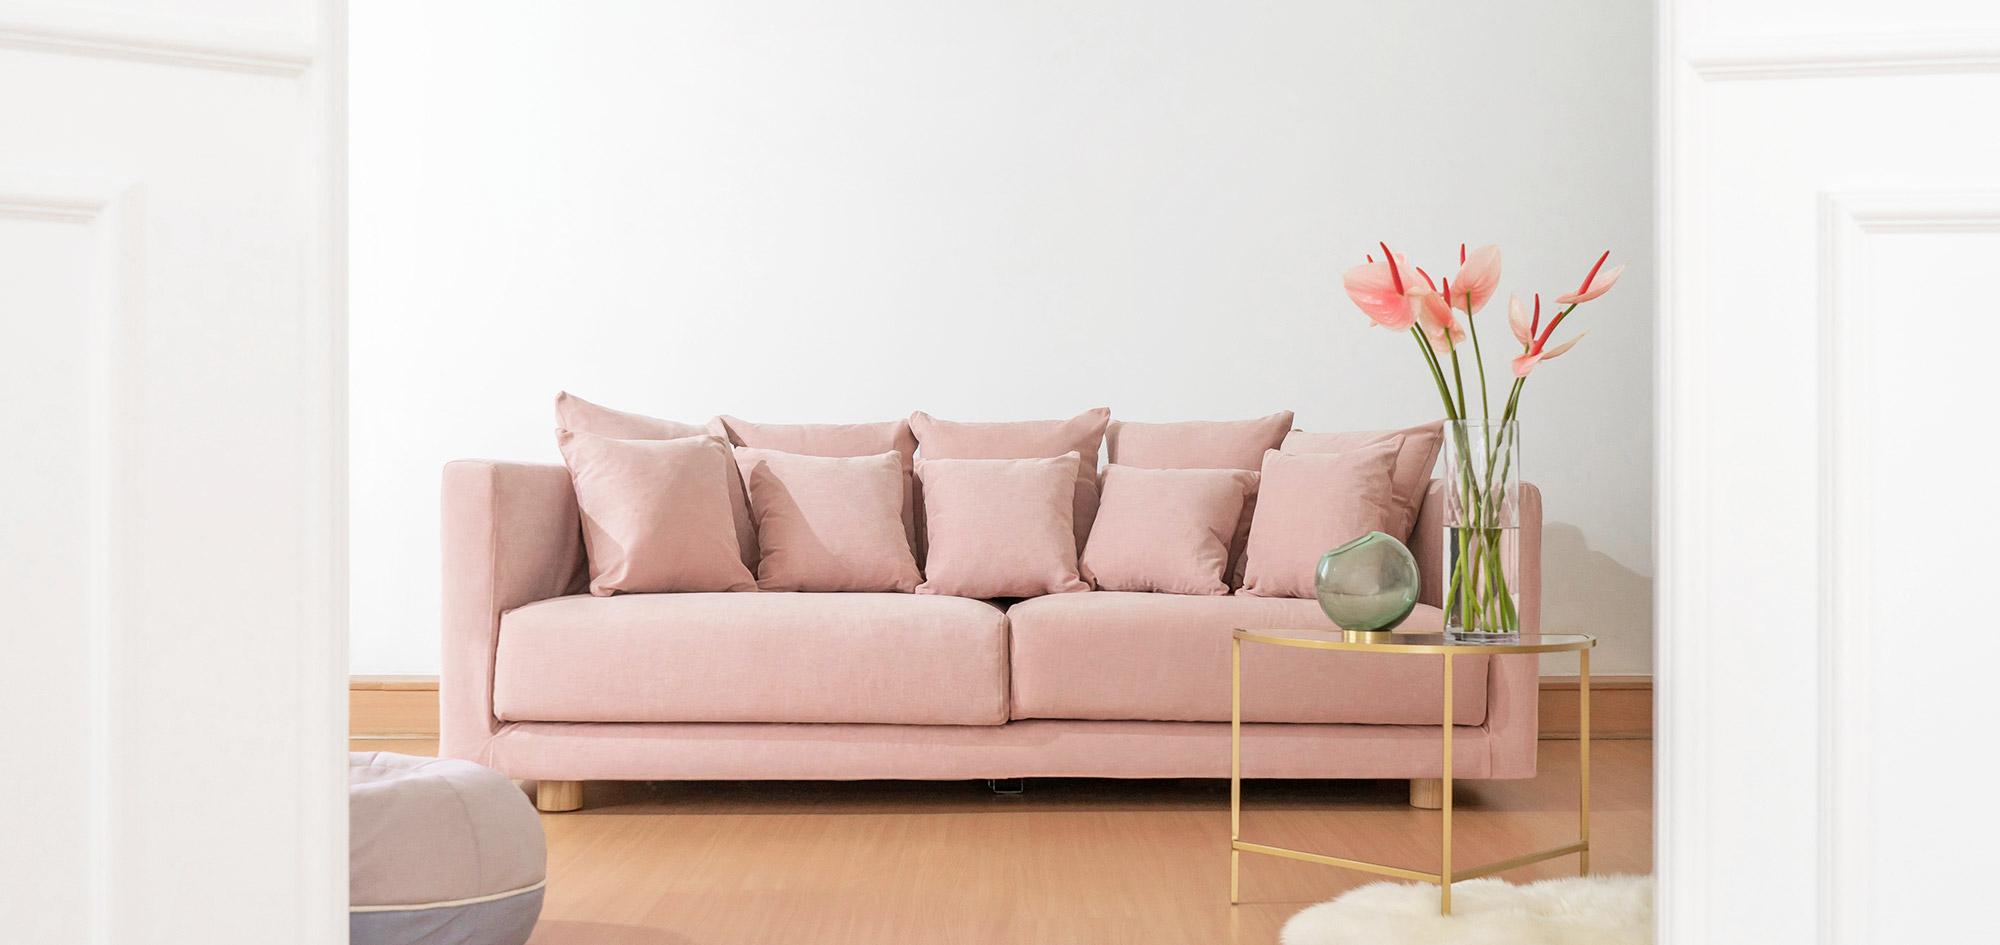 Rénover votre canapé Habitat avec une housse de remplacement - Madison Rose Cotton